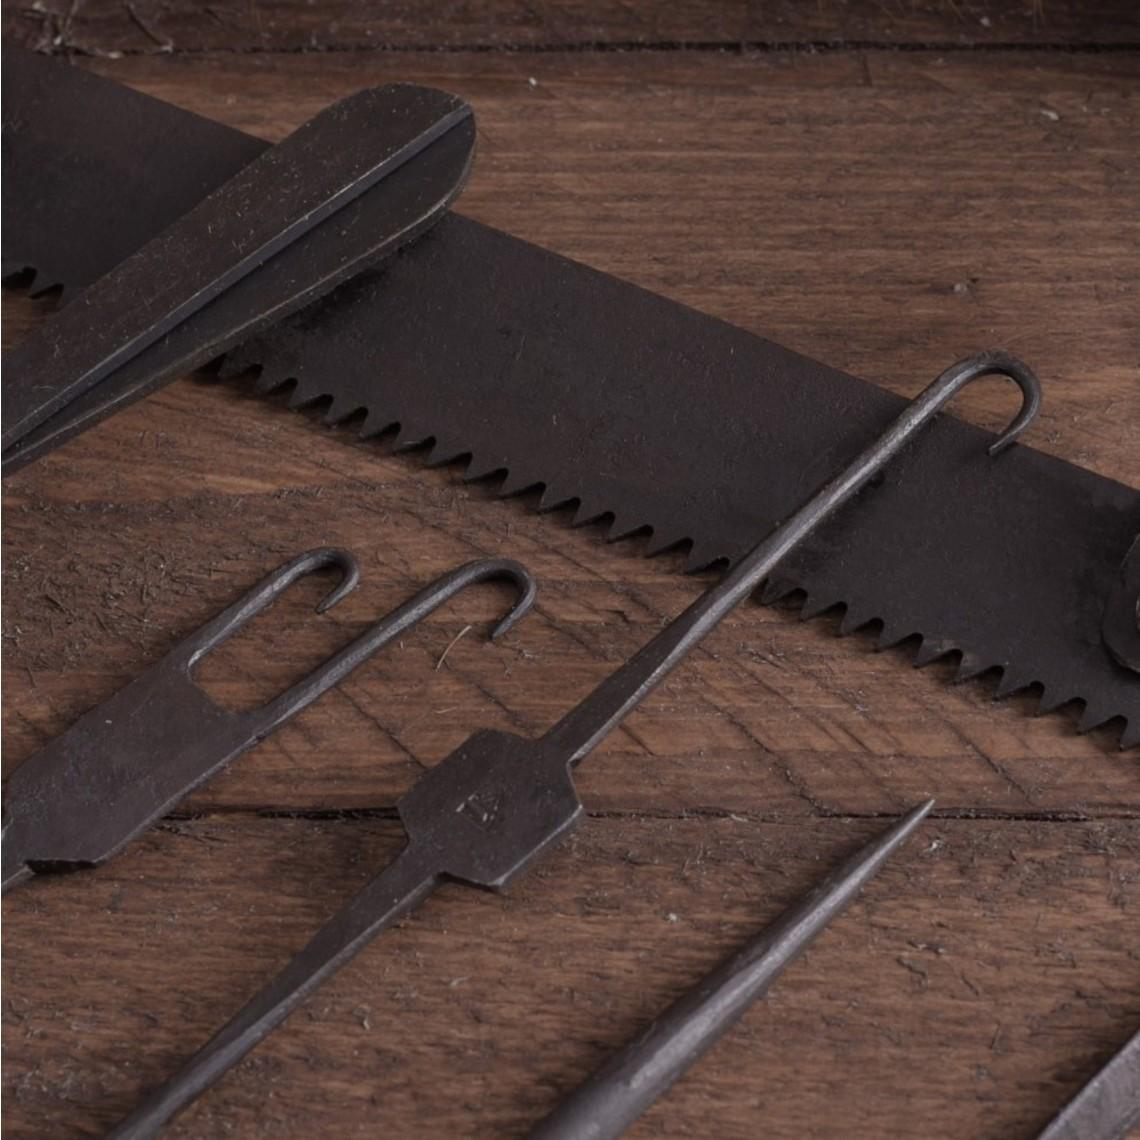 Ulfberth Cirugía set, 7 piezas